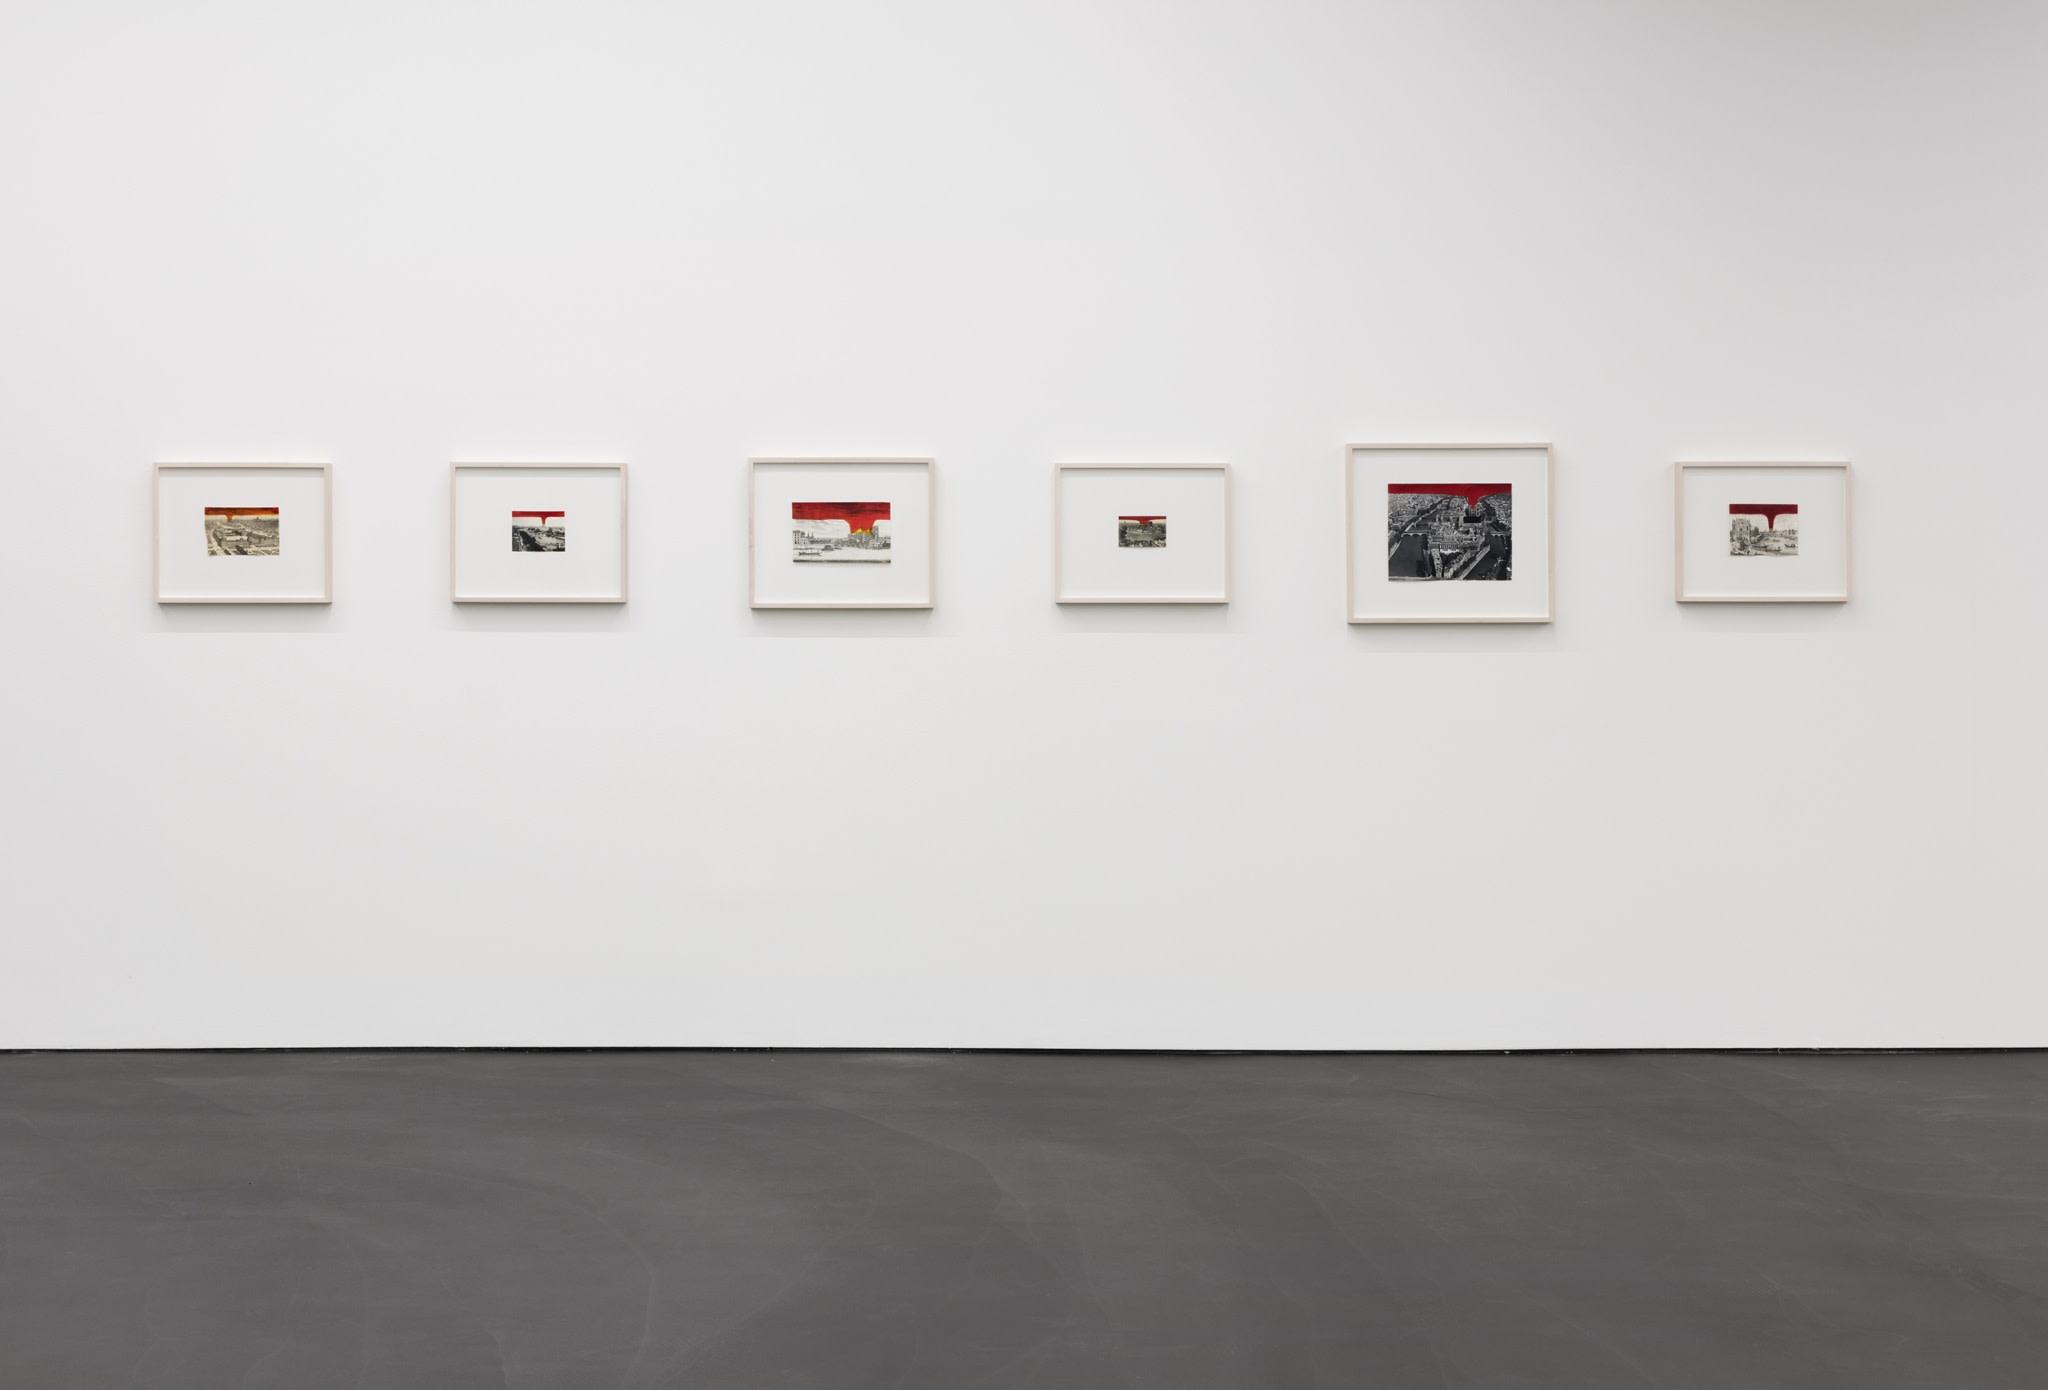 Exhibition view: Roman Ondak, Perfect Society, Esther Schipper, Berlin, 2019. Photo © Andrea Rossetti